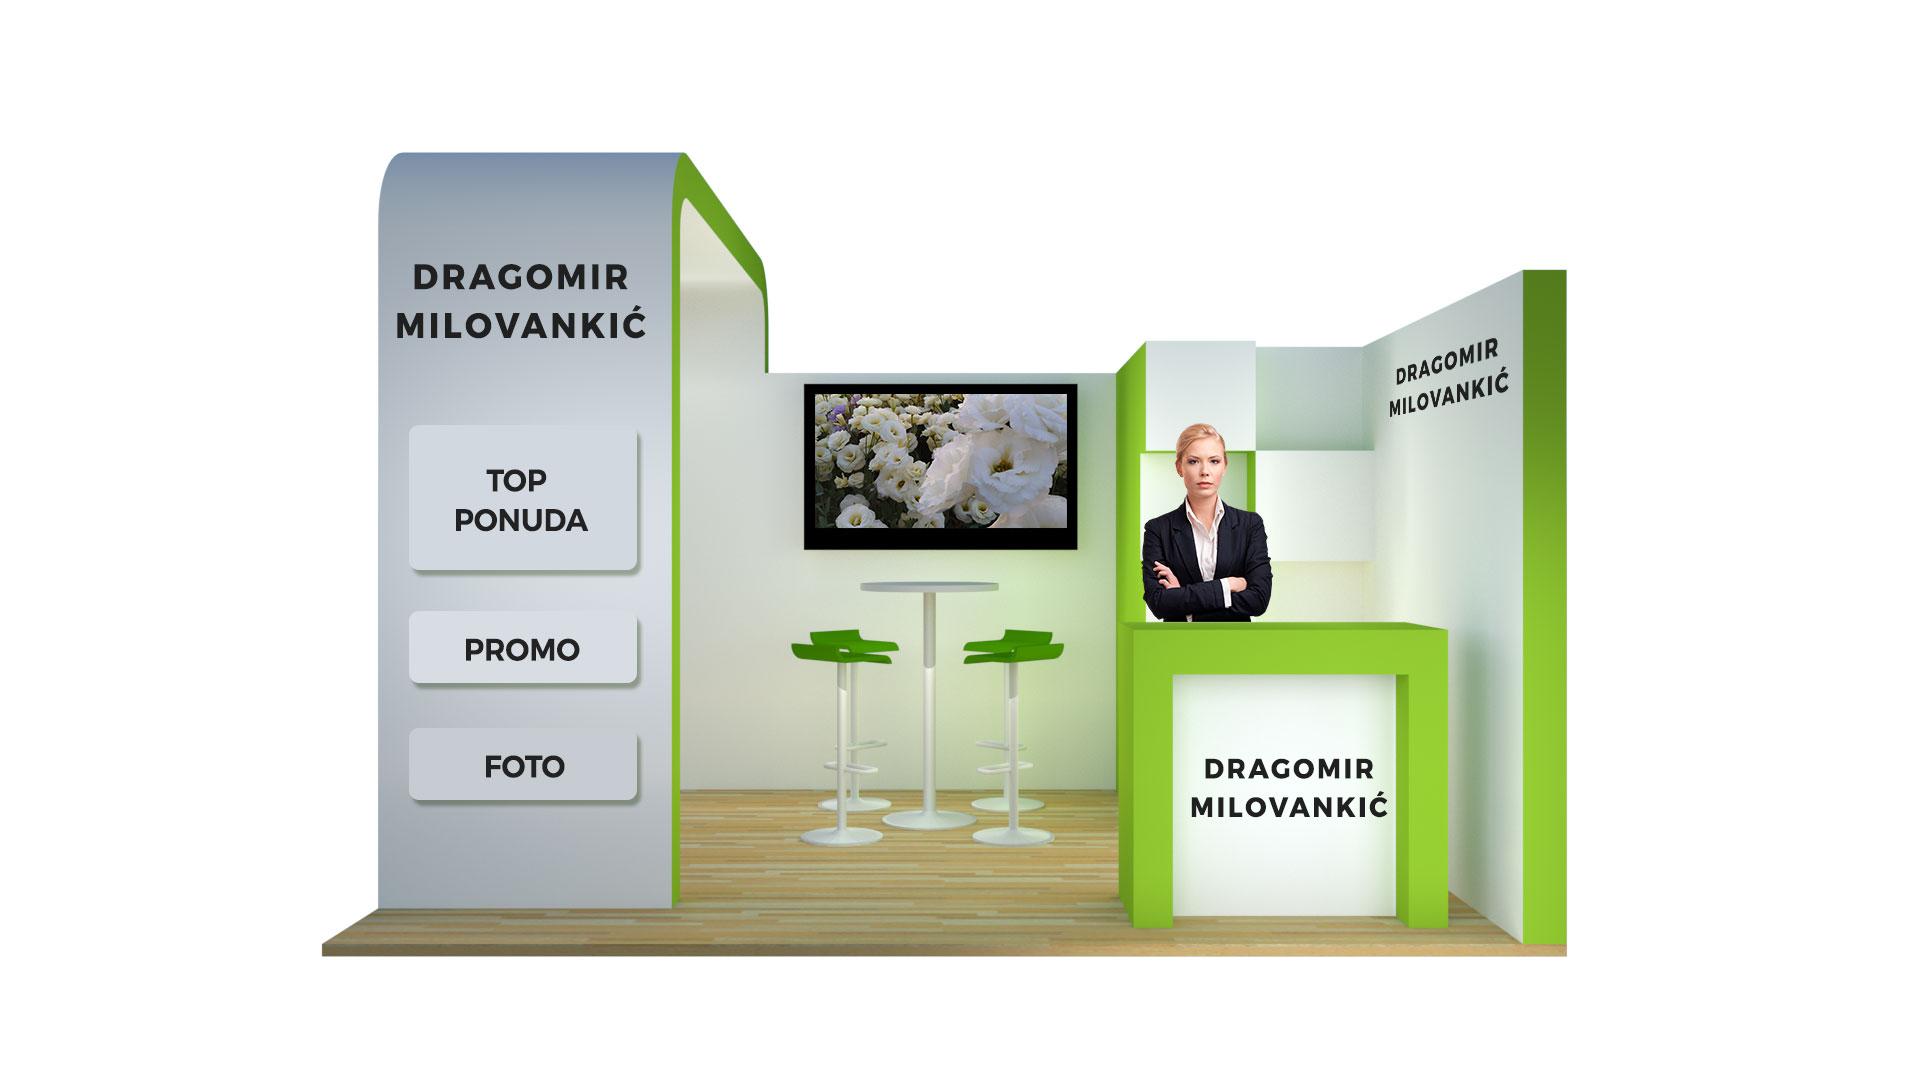 DRAGOMIR-MILOVANKIC